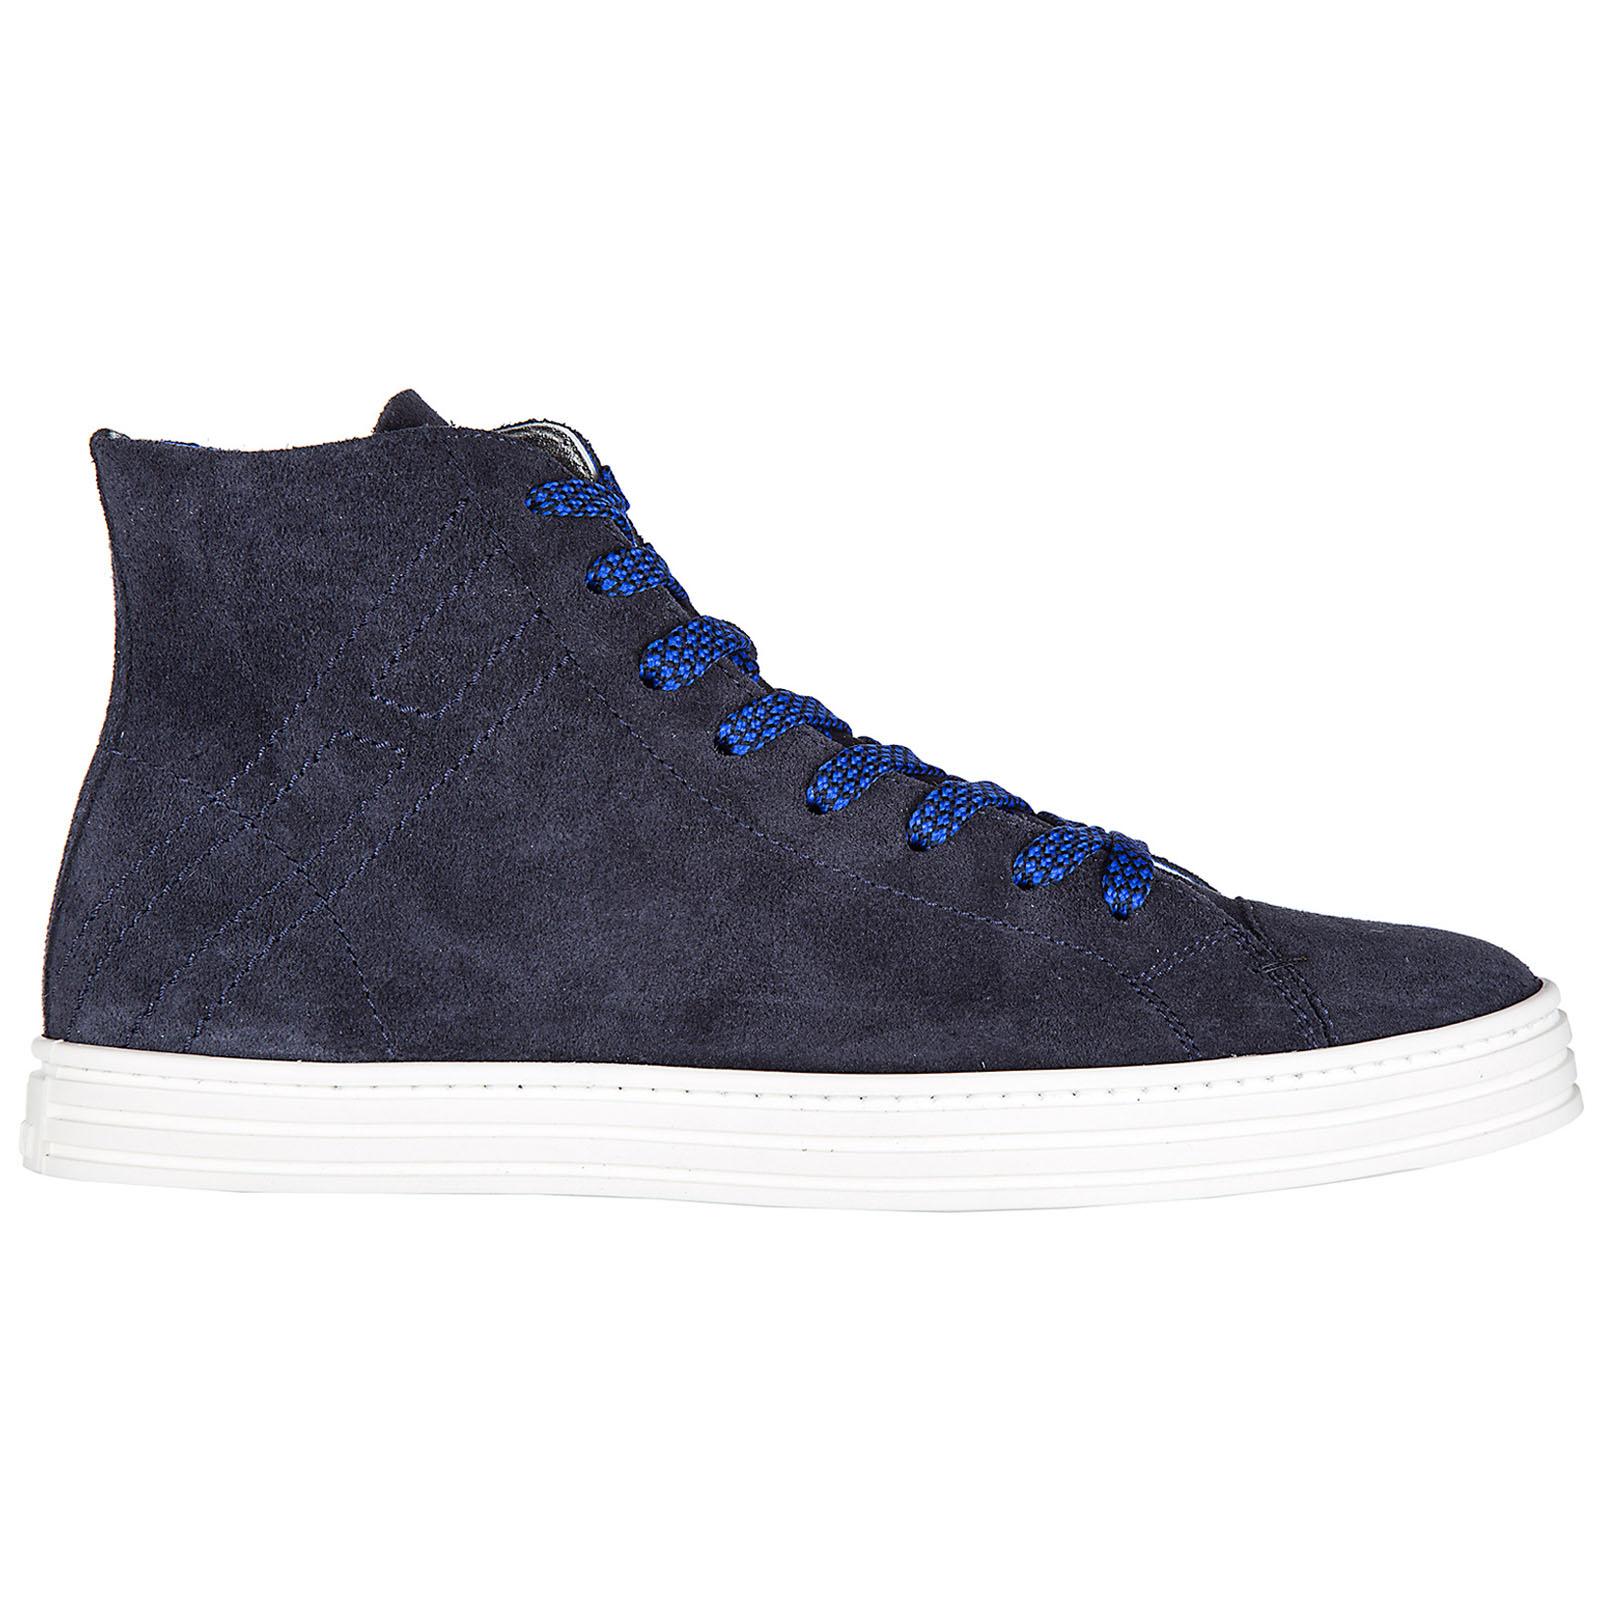 Scarpe sneakers alte uomo in camoscio r141 hi top